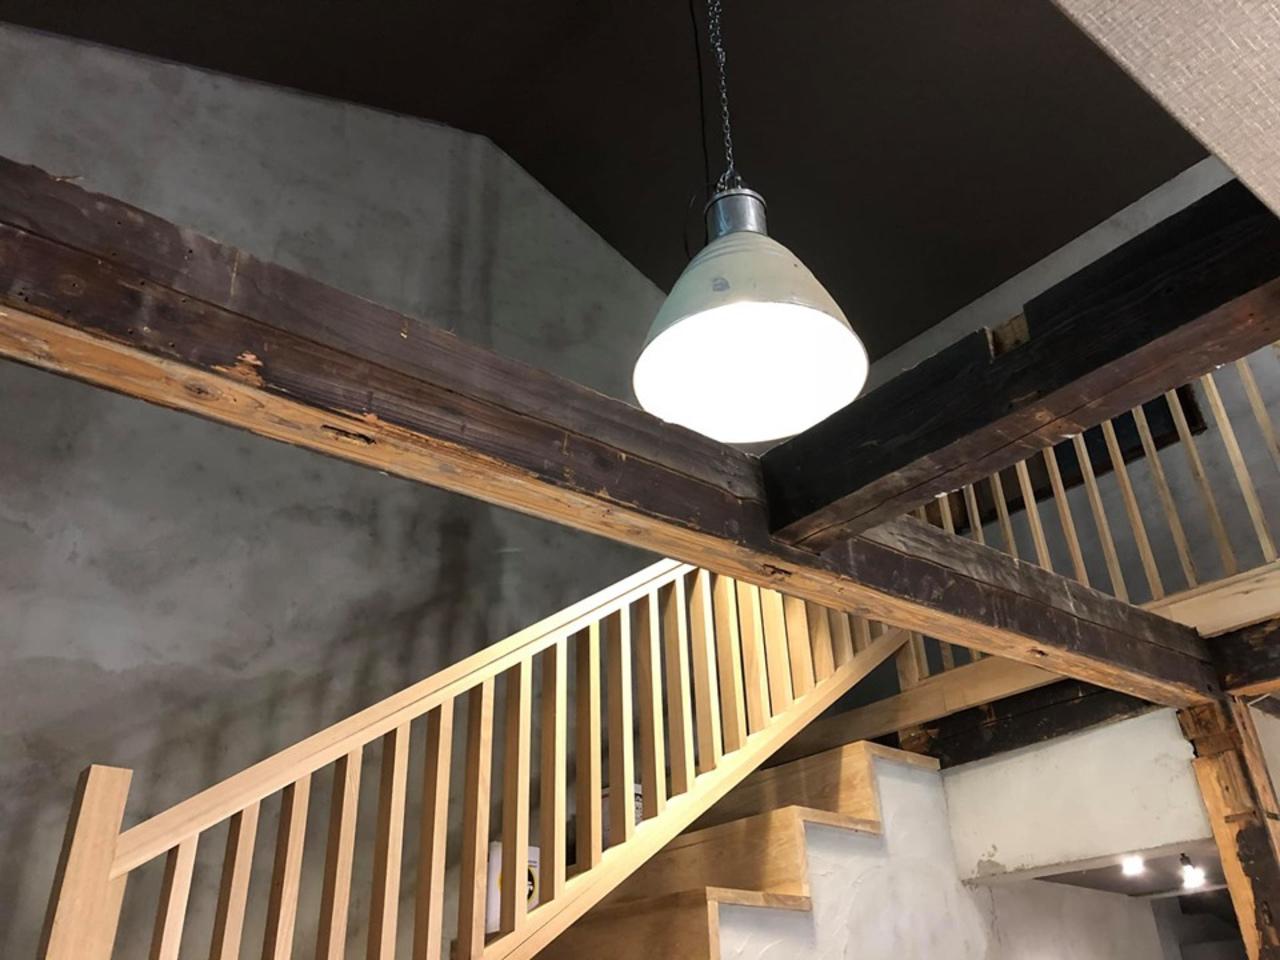 2年前に芽生えた夢を実現...大阪府泉佐野市栄町に古民家カフェ「カフェ遊夢泉佐野店」オープン